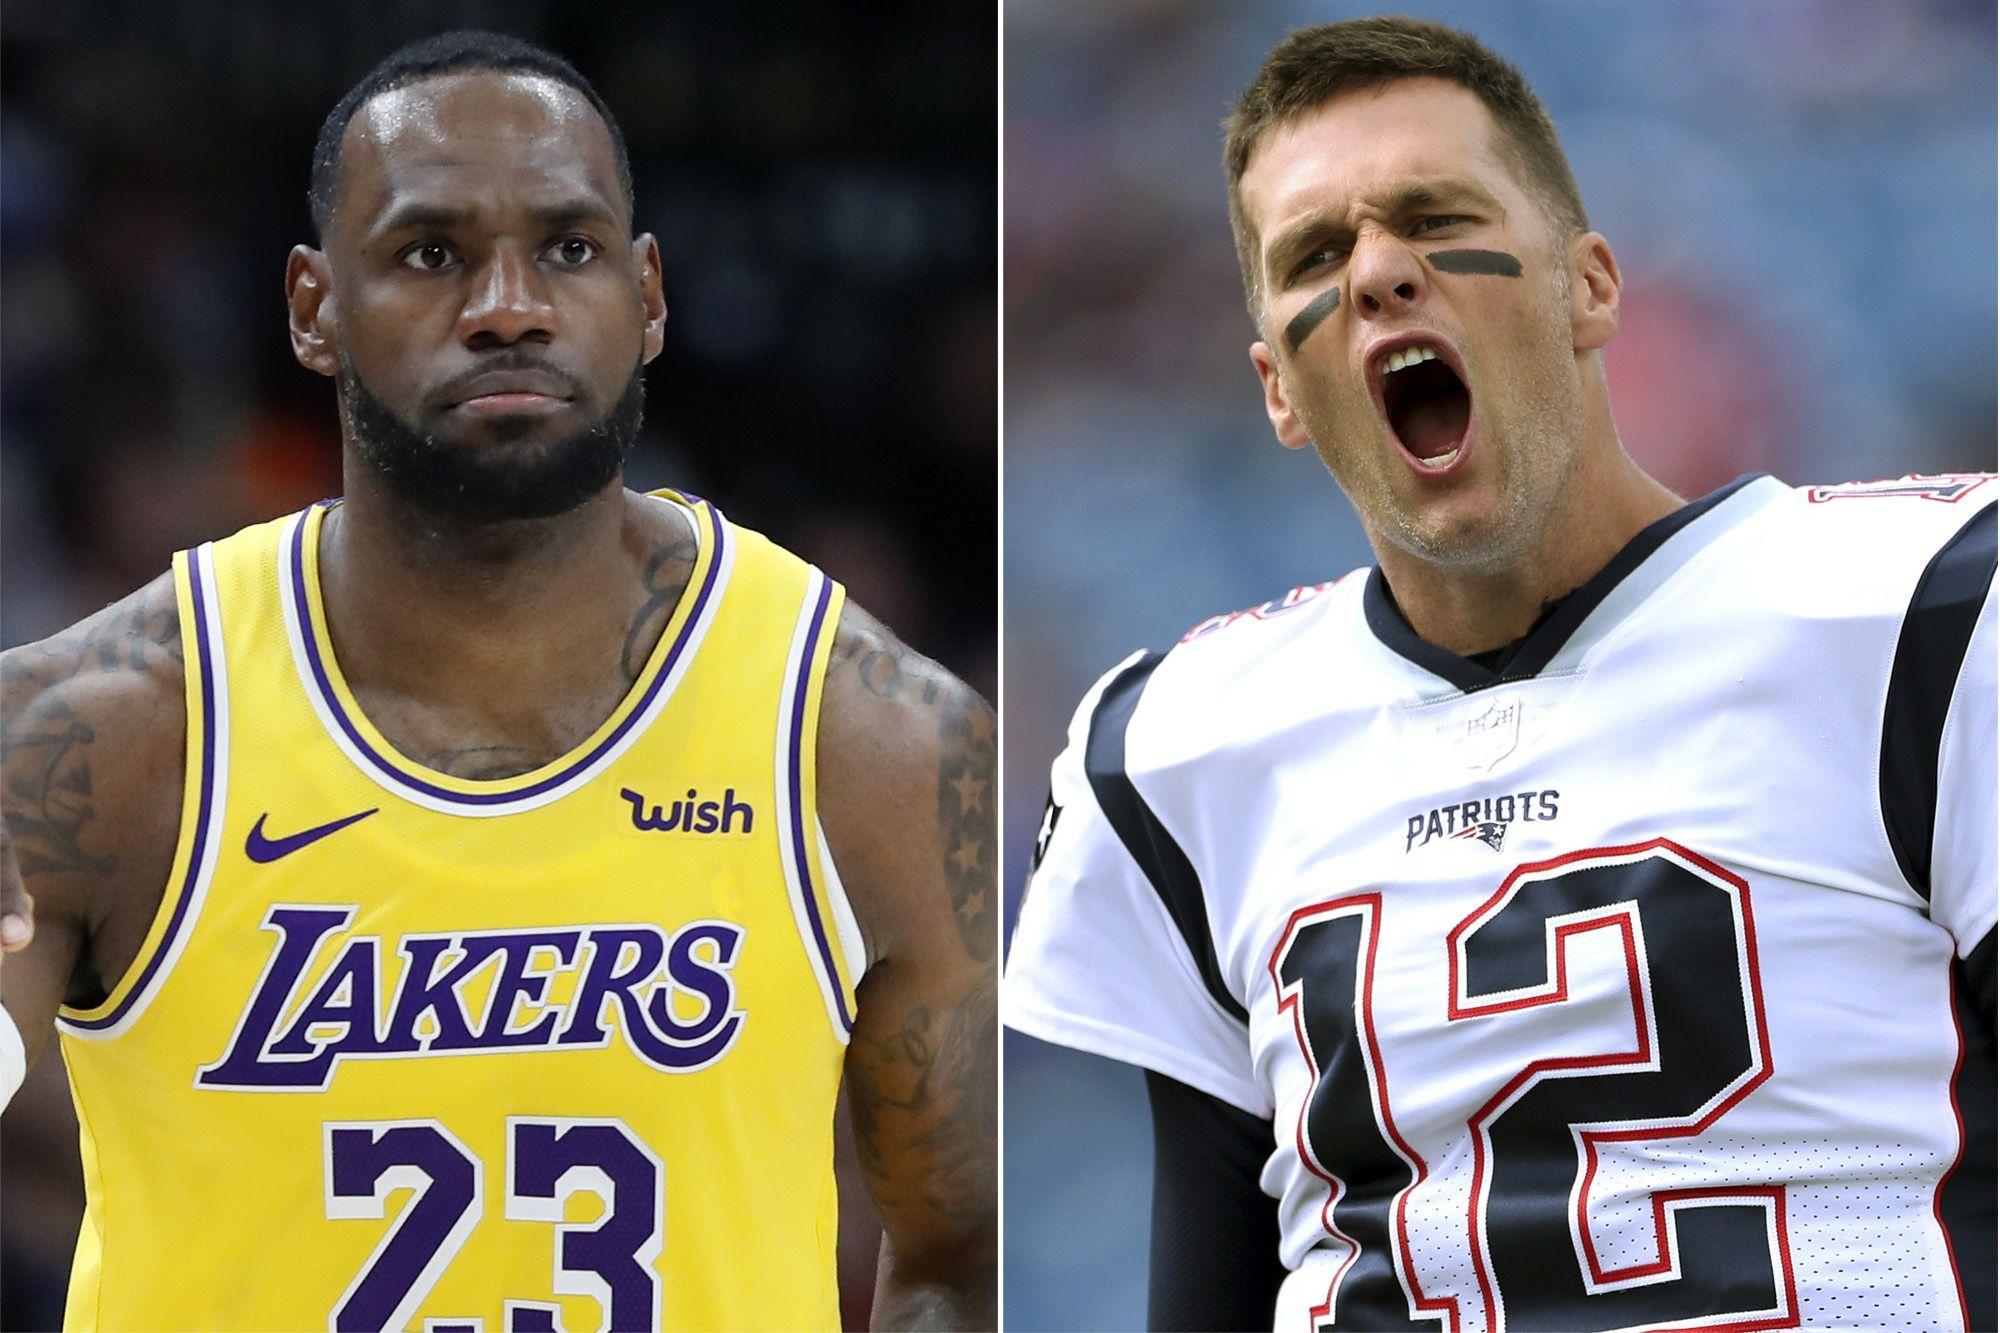 Tom Brady vs LeBron James